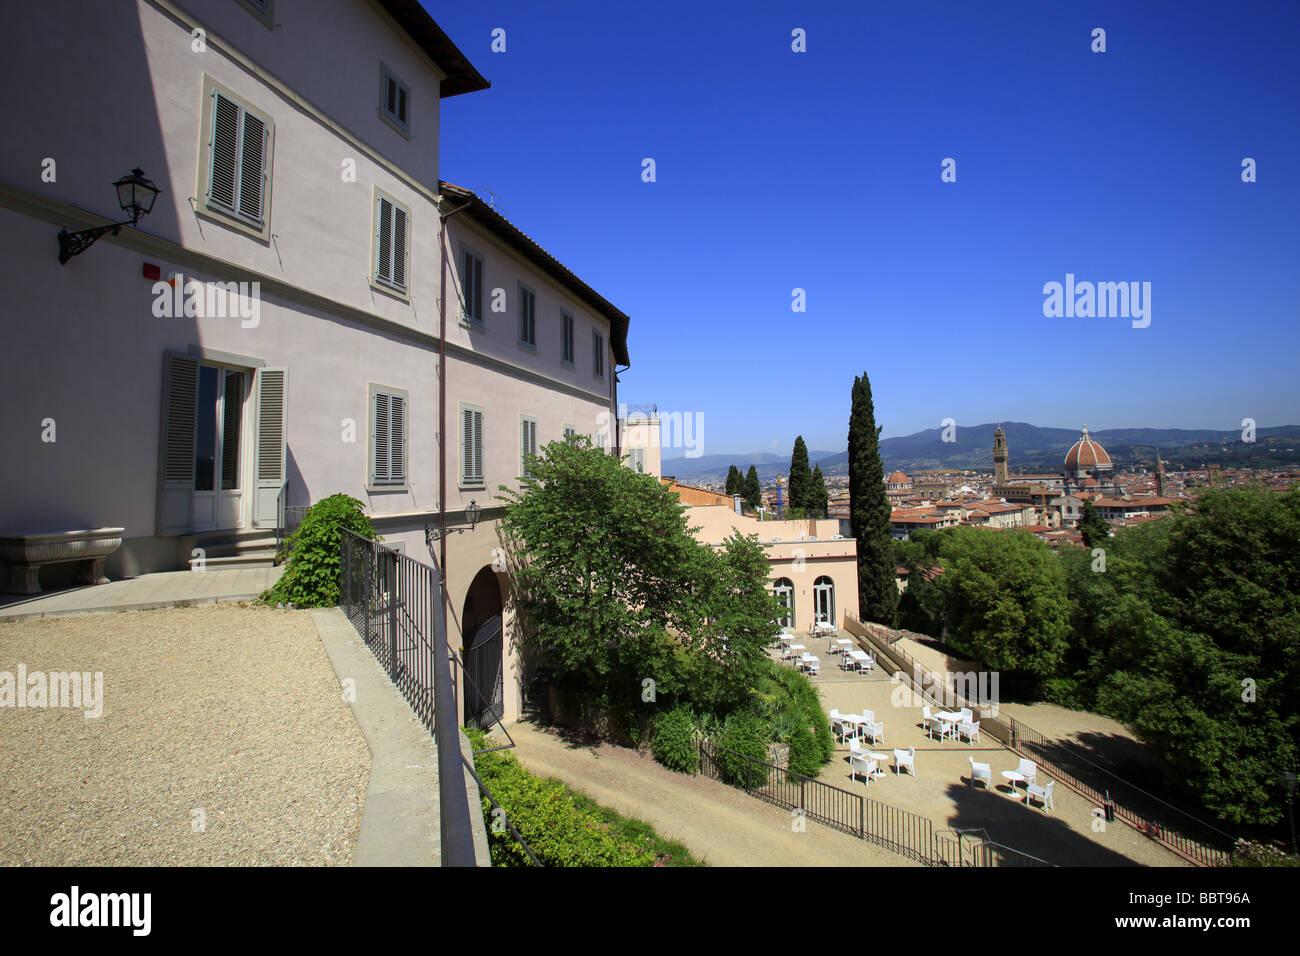 Villa Bardini, Florence,Tuscany,Italy Stock Photo: 24505666 - Alamy